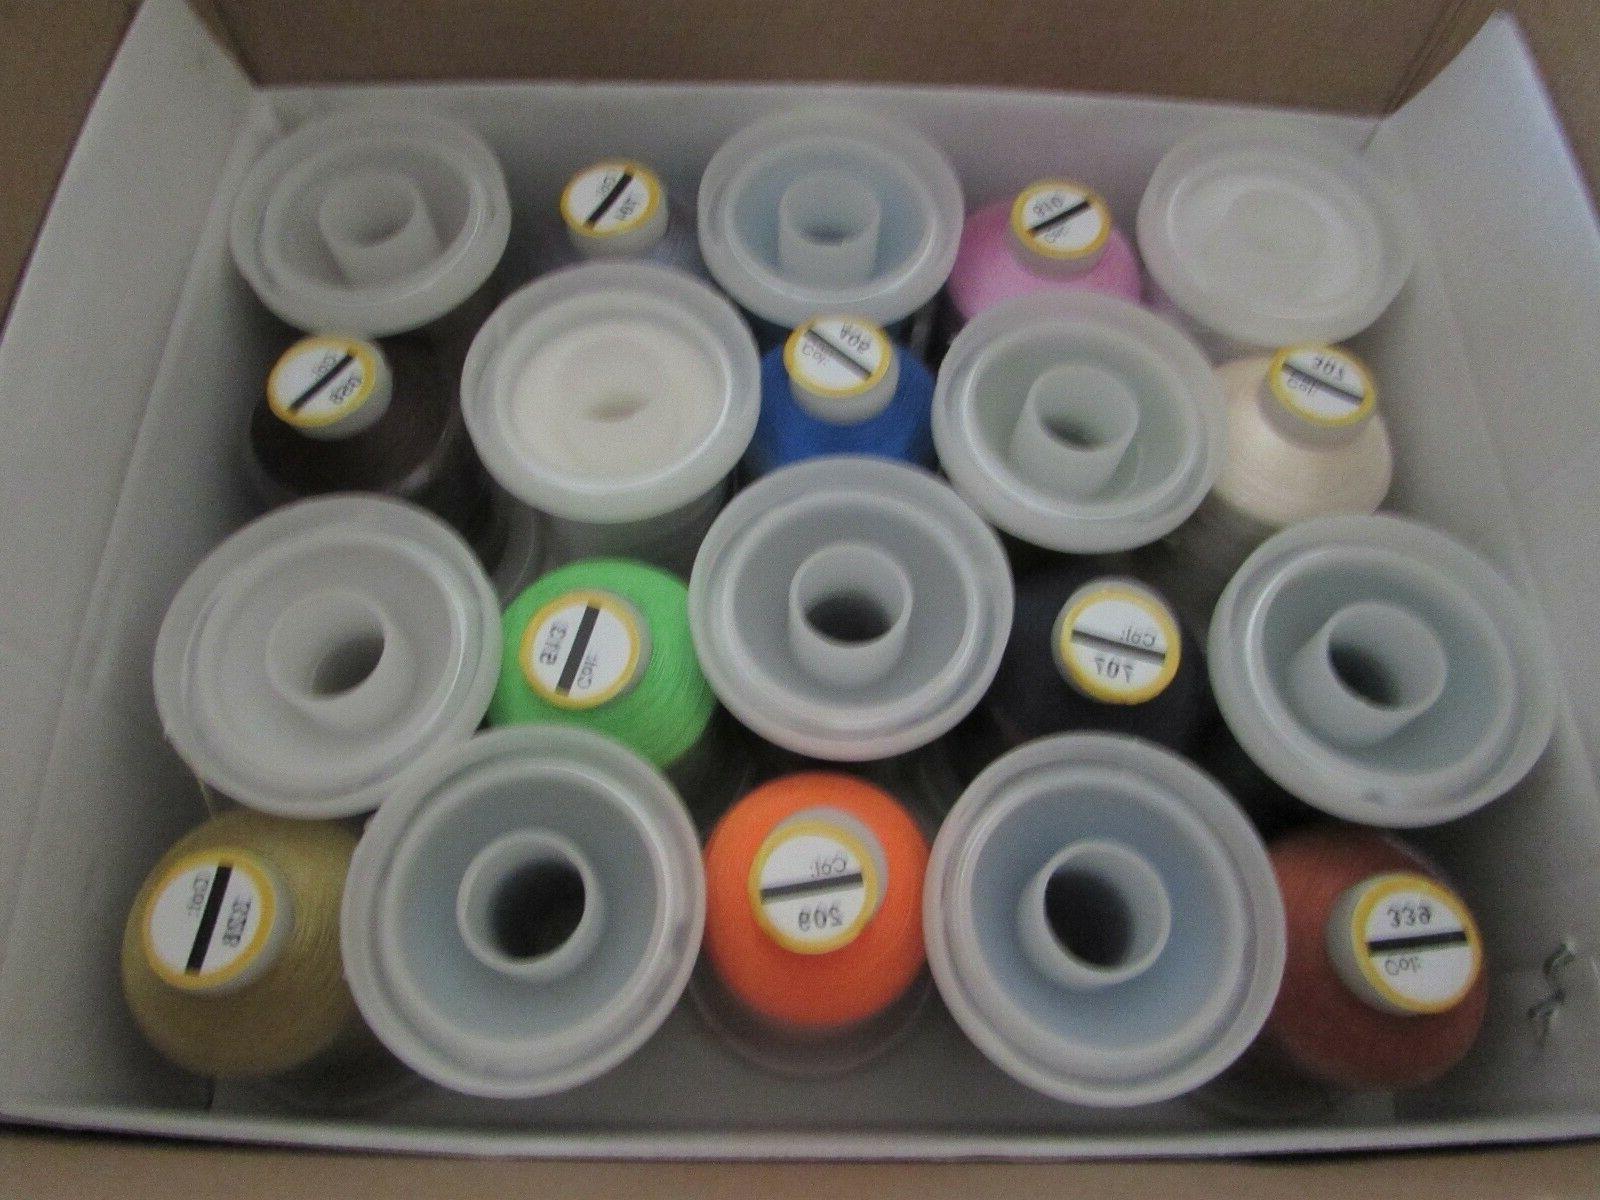 Embroidex, 40 Spools, Colors, nib